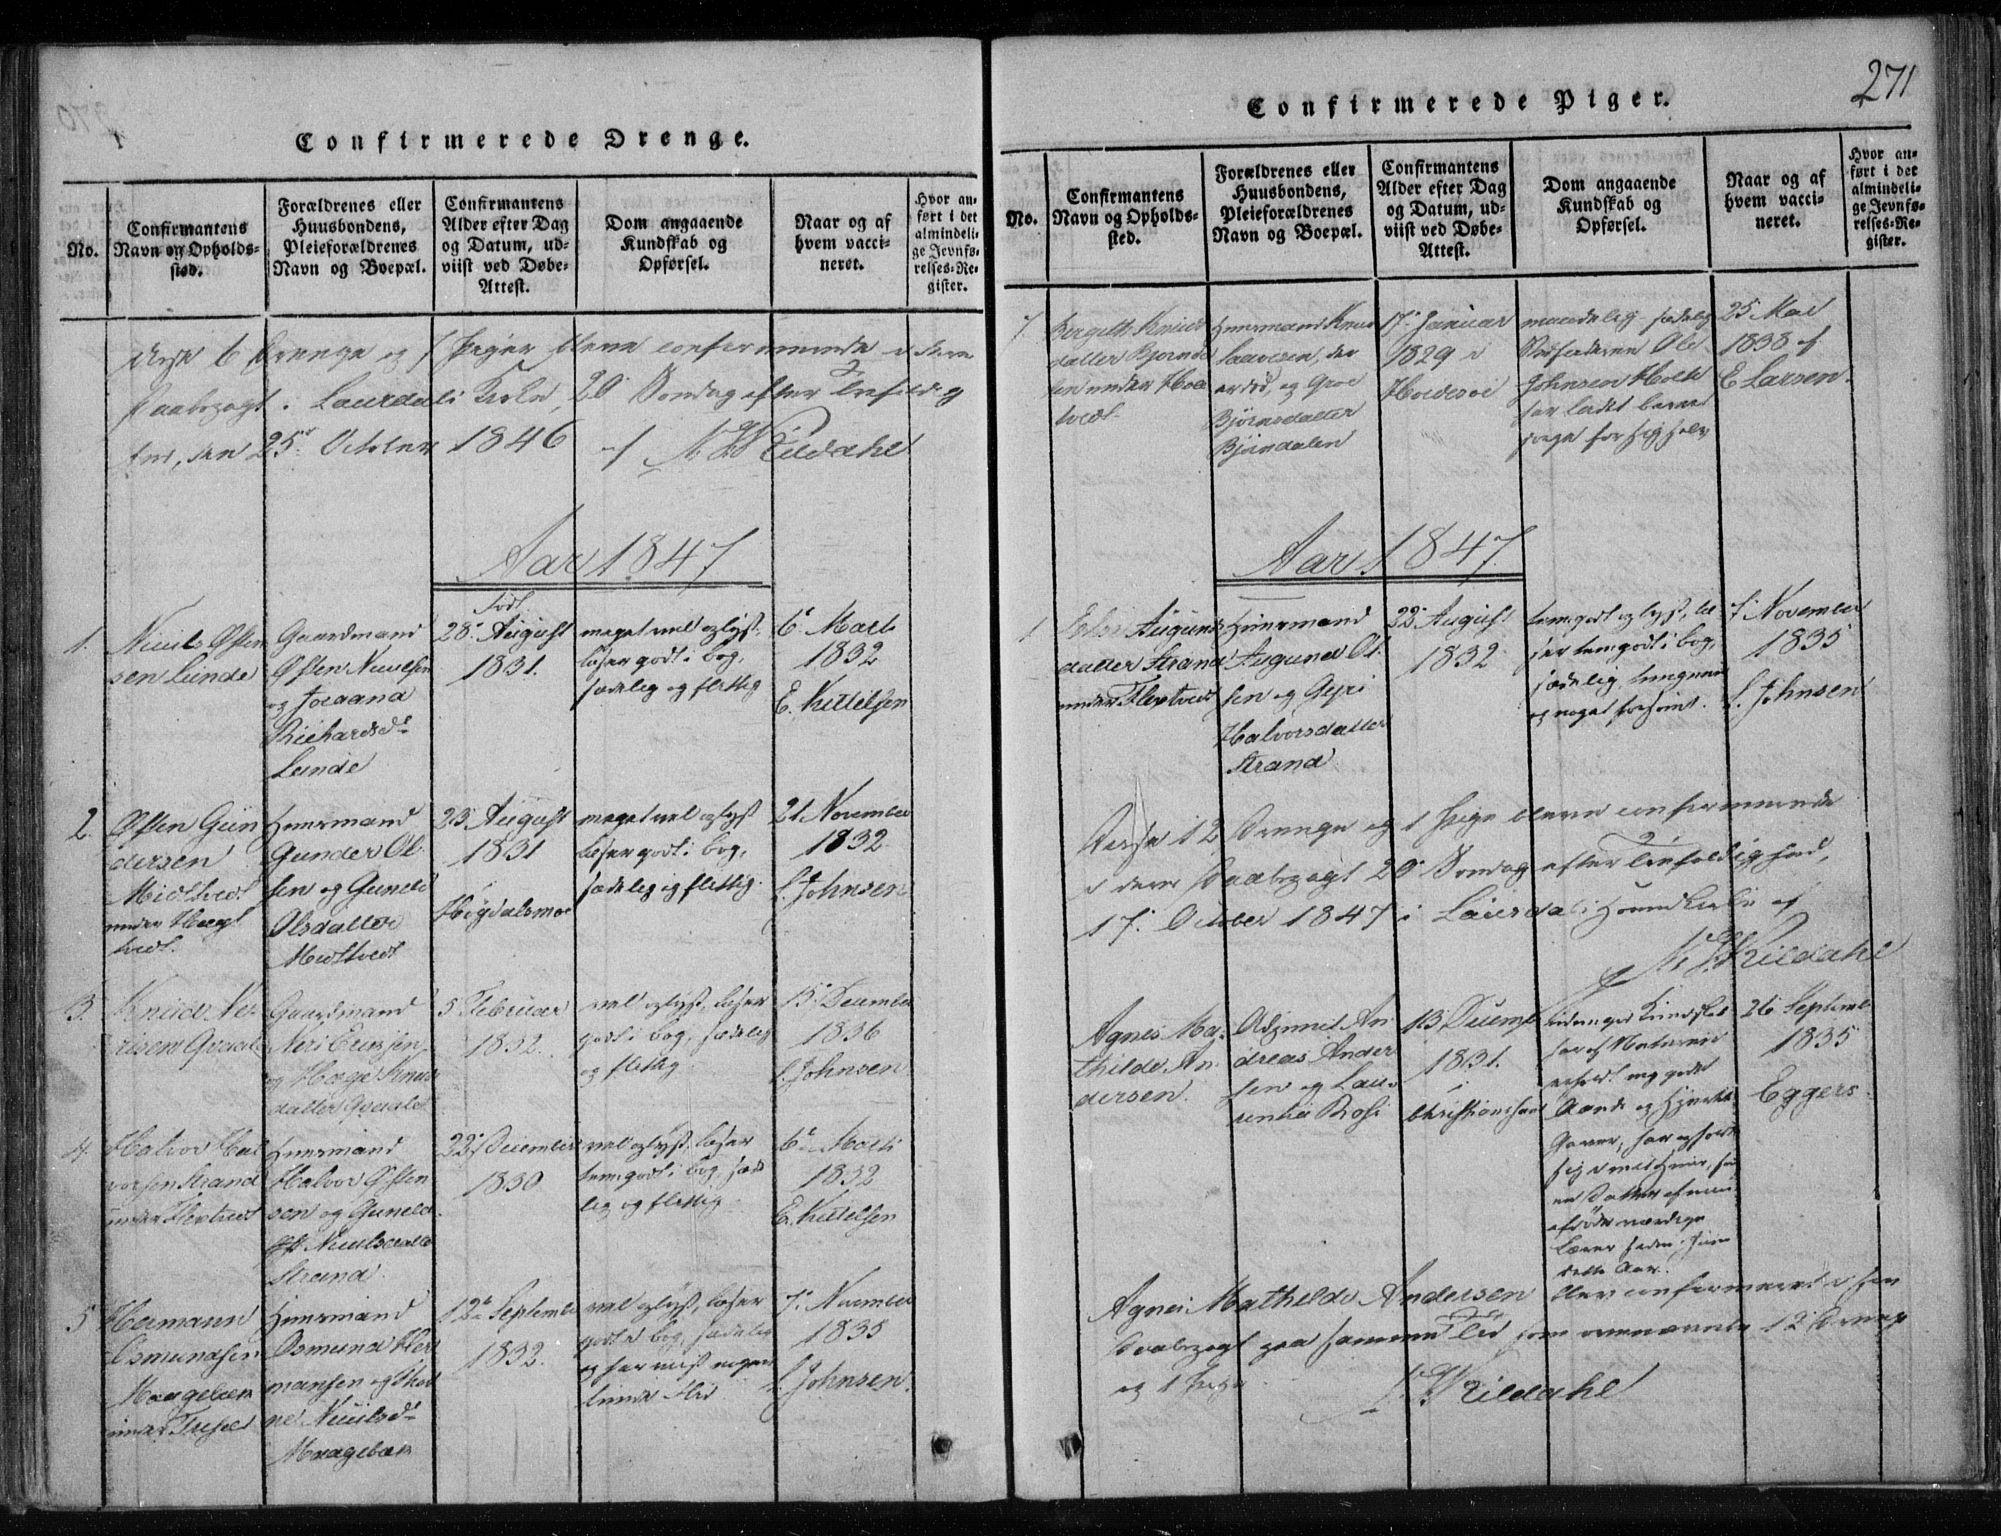 SAKO, Lårdal kirkebøker, F/Fa/L0005: Ministerialbok nr. I 5, 1815-1860, s. 271